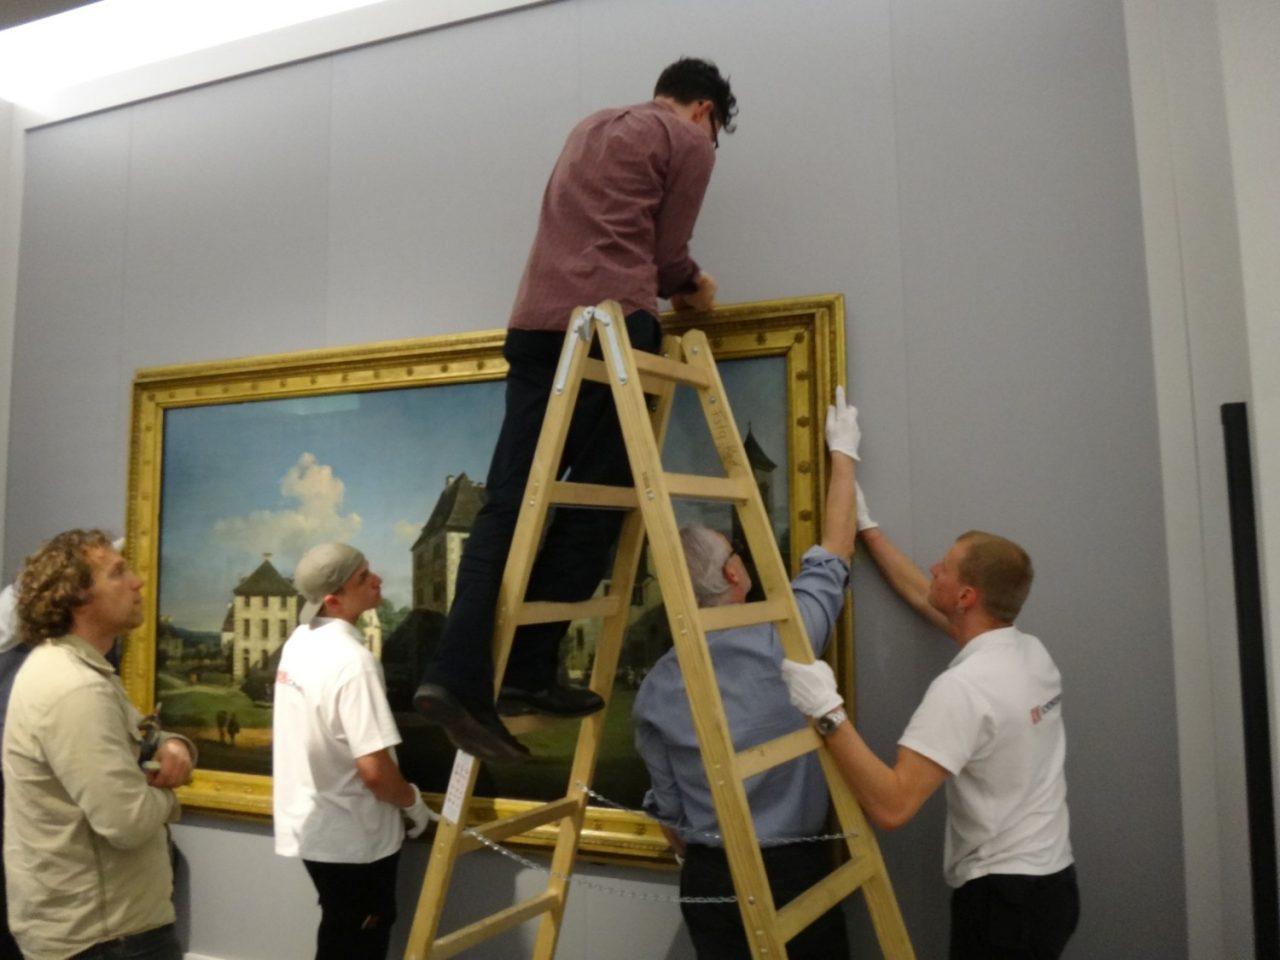 Restaurator Adam auf der Leiter vor dem Gemälde